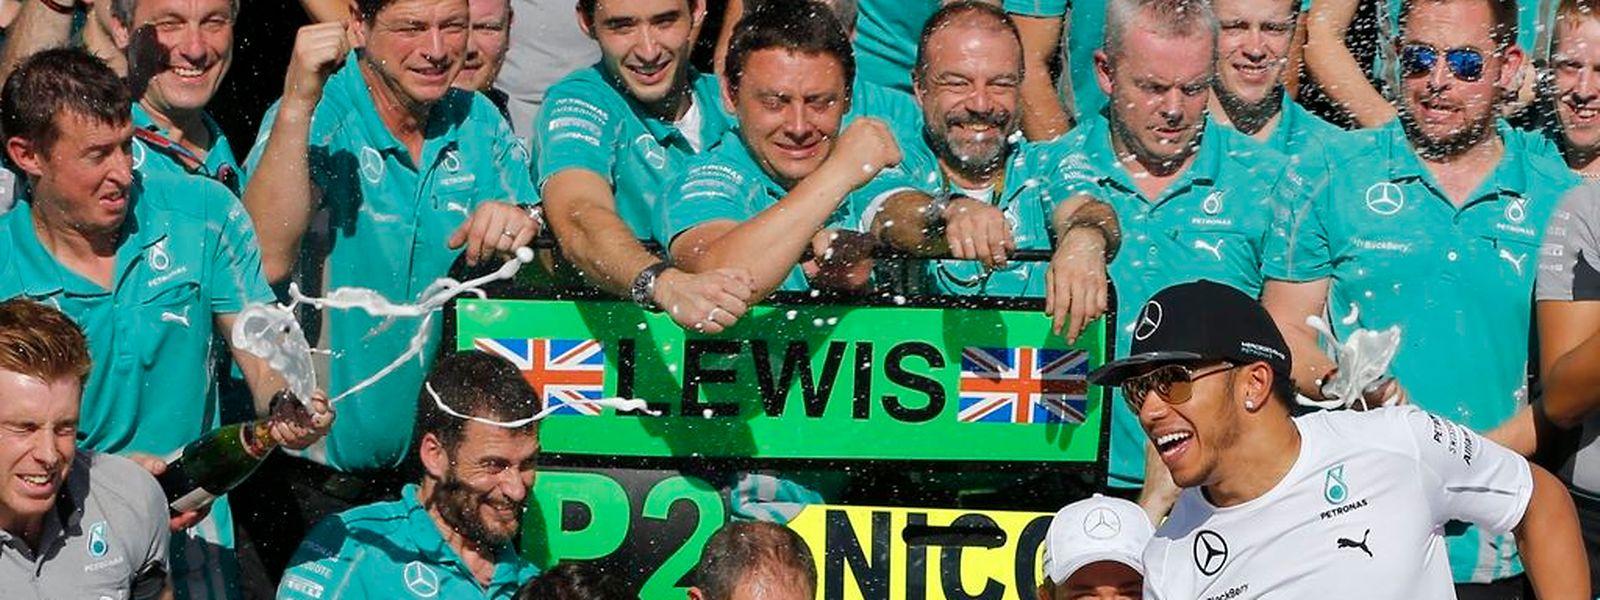 Wer wird am Ende über den WM-Titel jubeln? Lewis Hamilton oder Nico Rosberg?